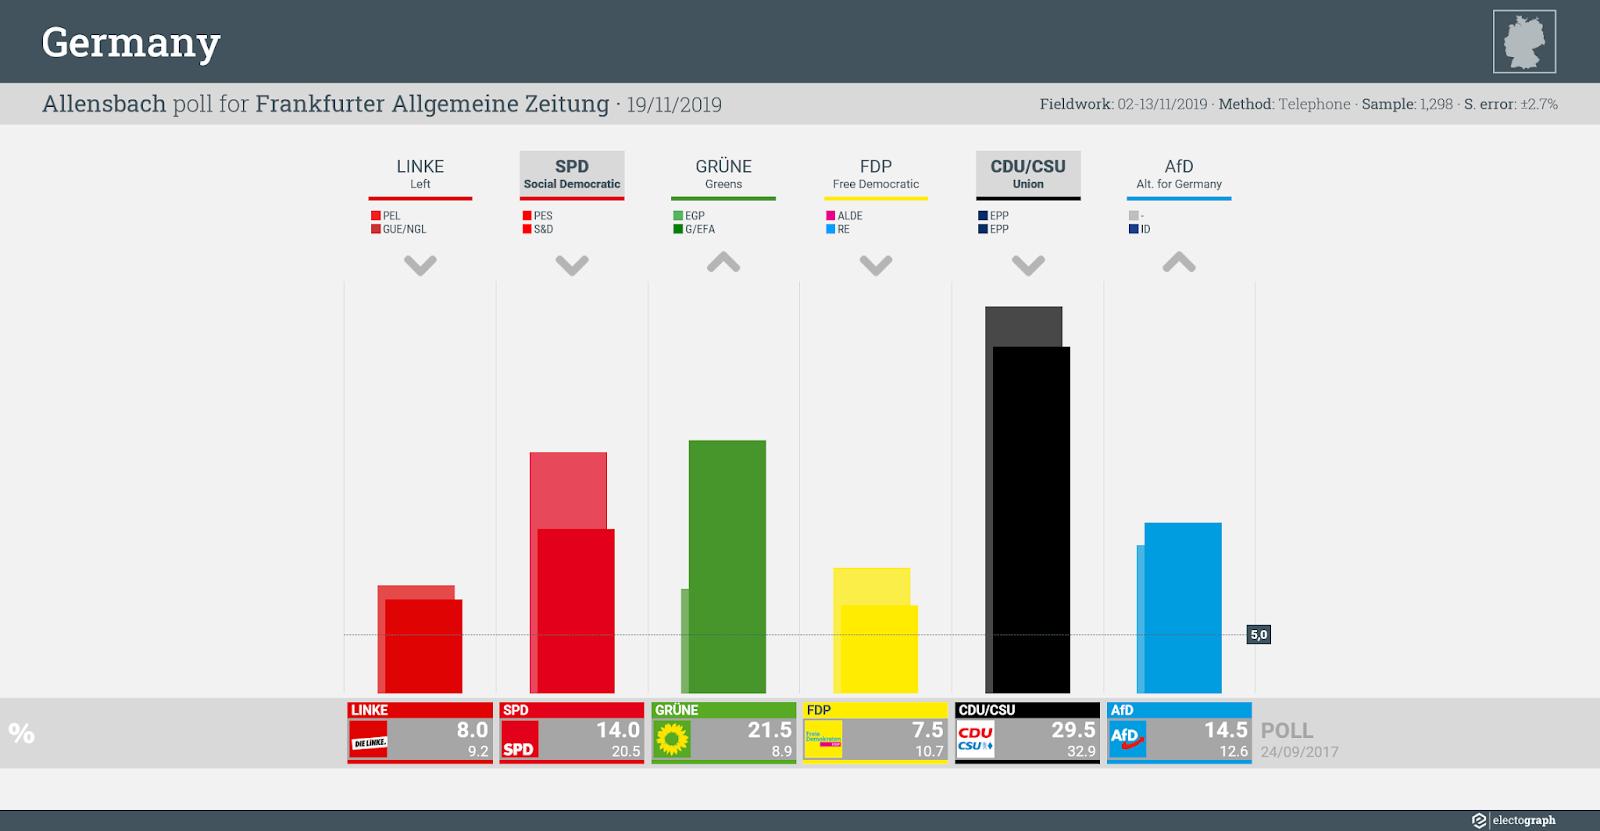 GERMANY: Allensbach poll chart for Frankfurter Allgemeine Zeitung, 19 November 2019